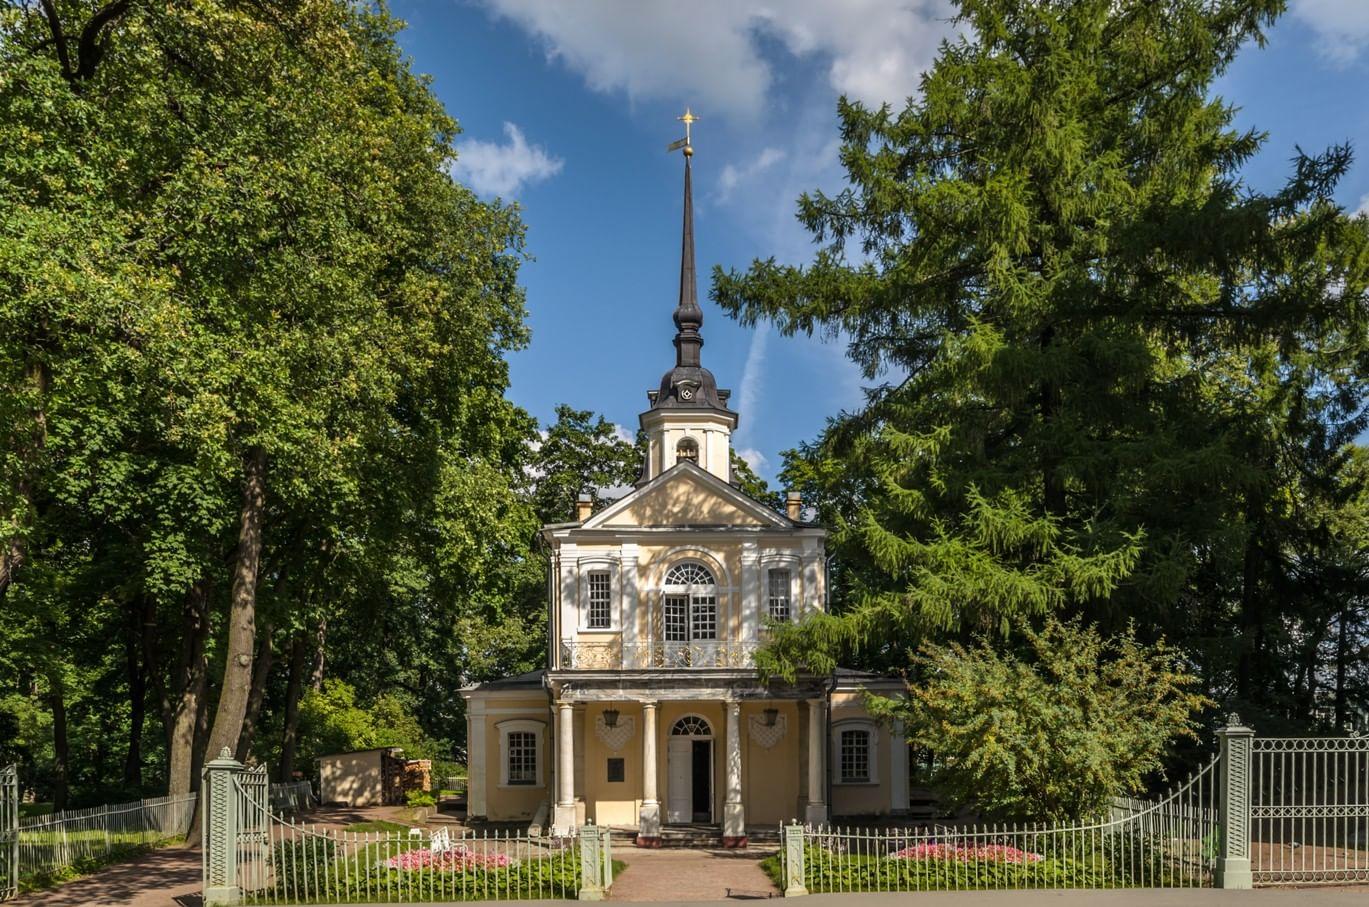 Яблочко от яблоньки: российские архитектурные династии. Галерея 2. Бланк